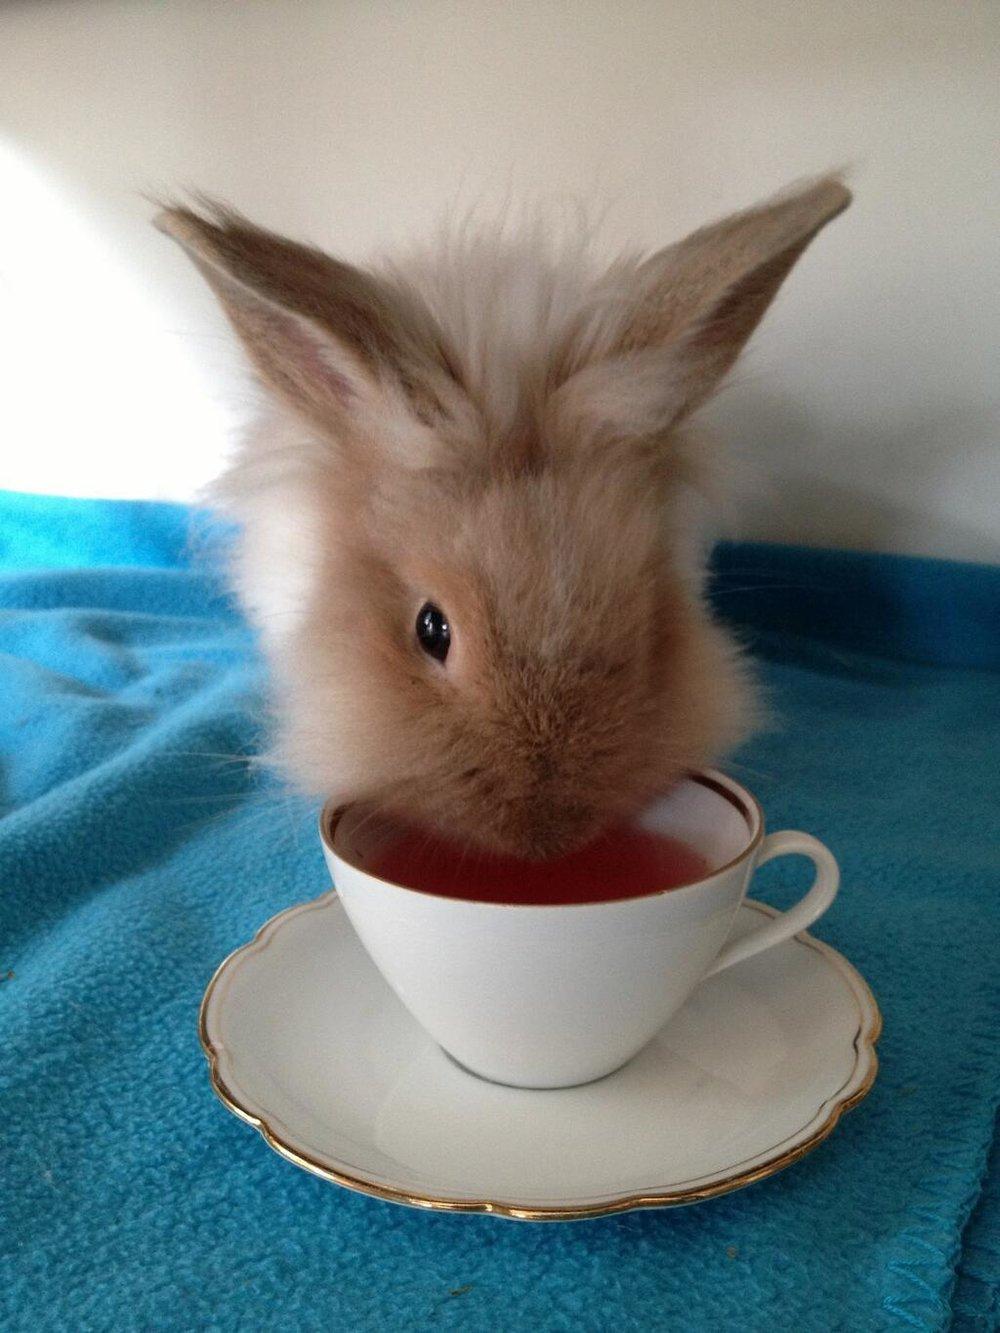 Who doesnt lobe a bunny?